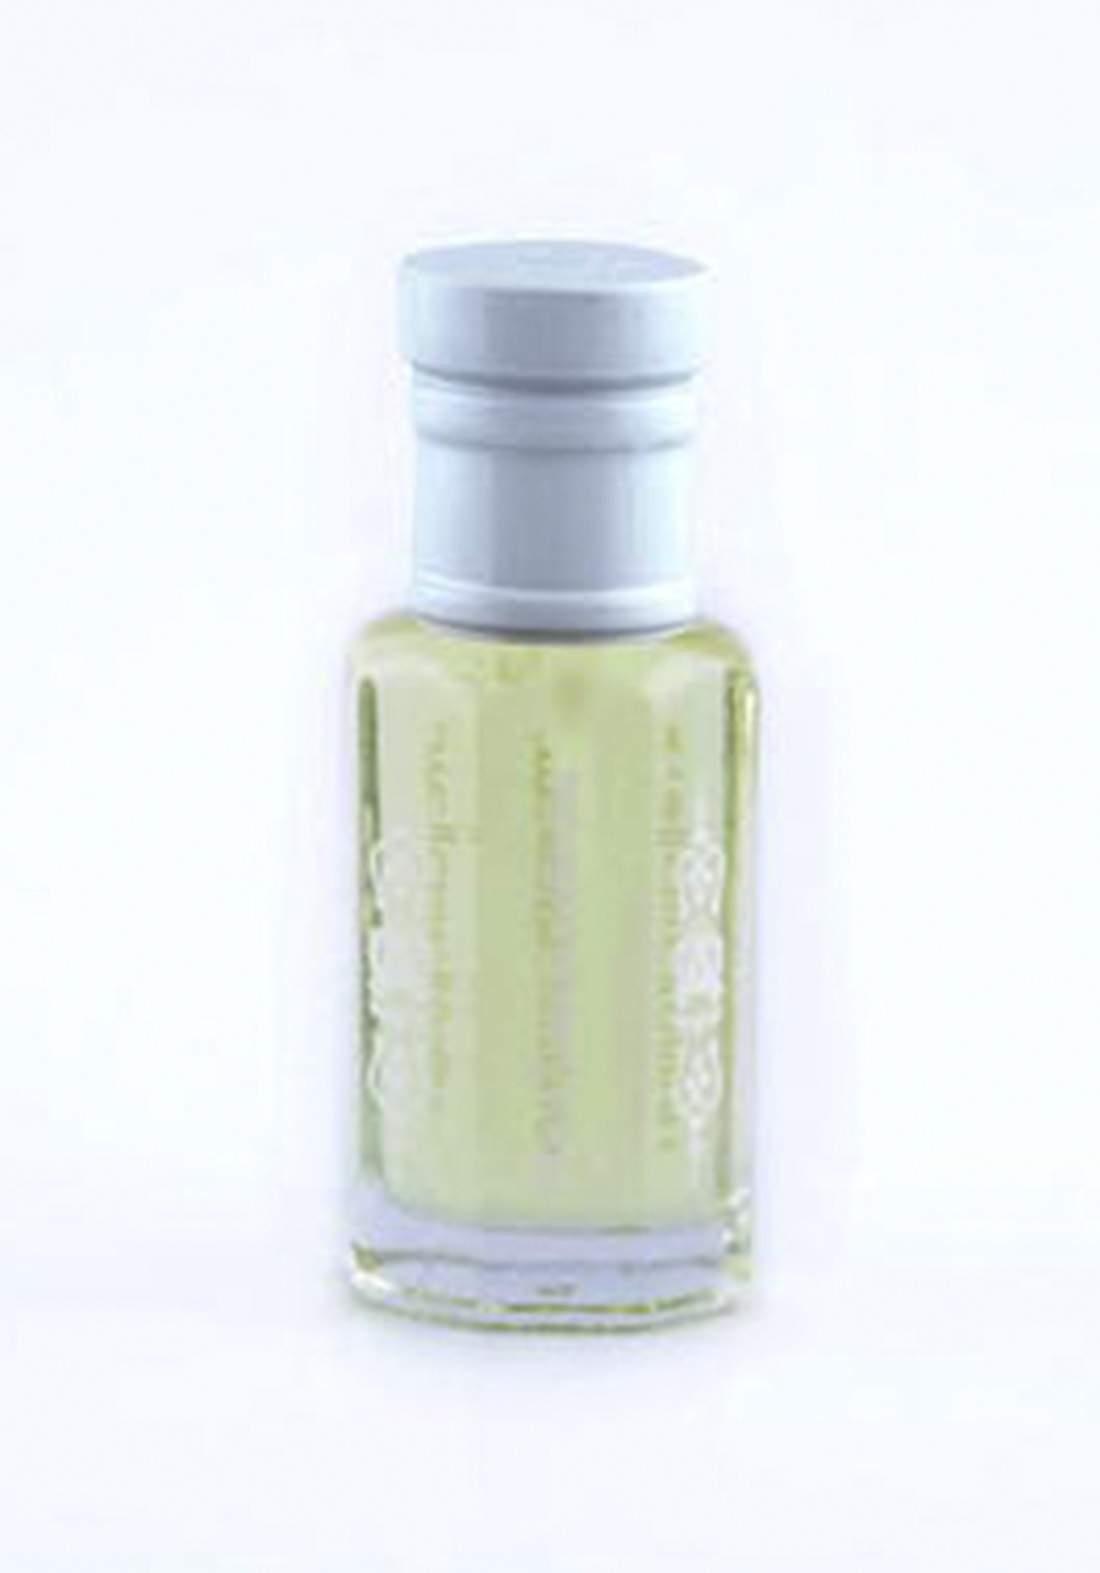 Abdul Samad Al Qurashi-11003  Ghadir Perfume Oil 12g  عطر زيتي